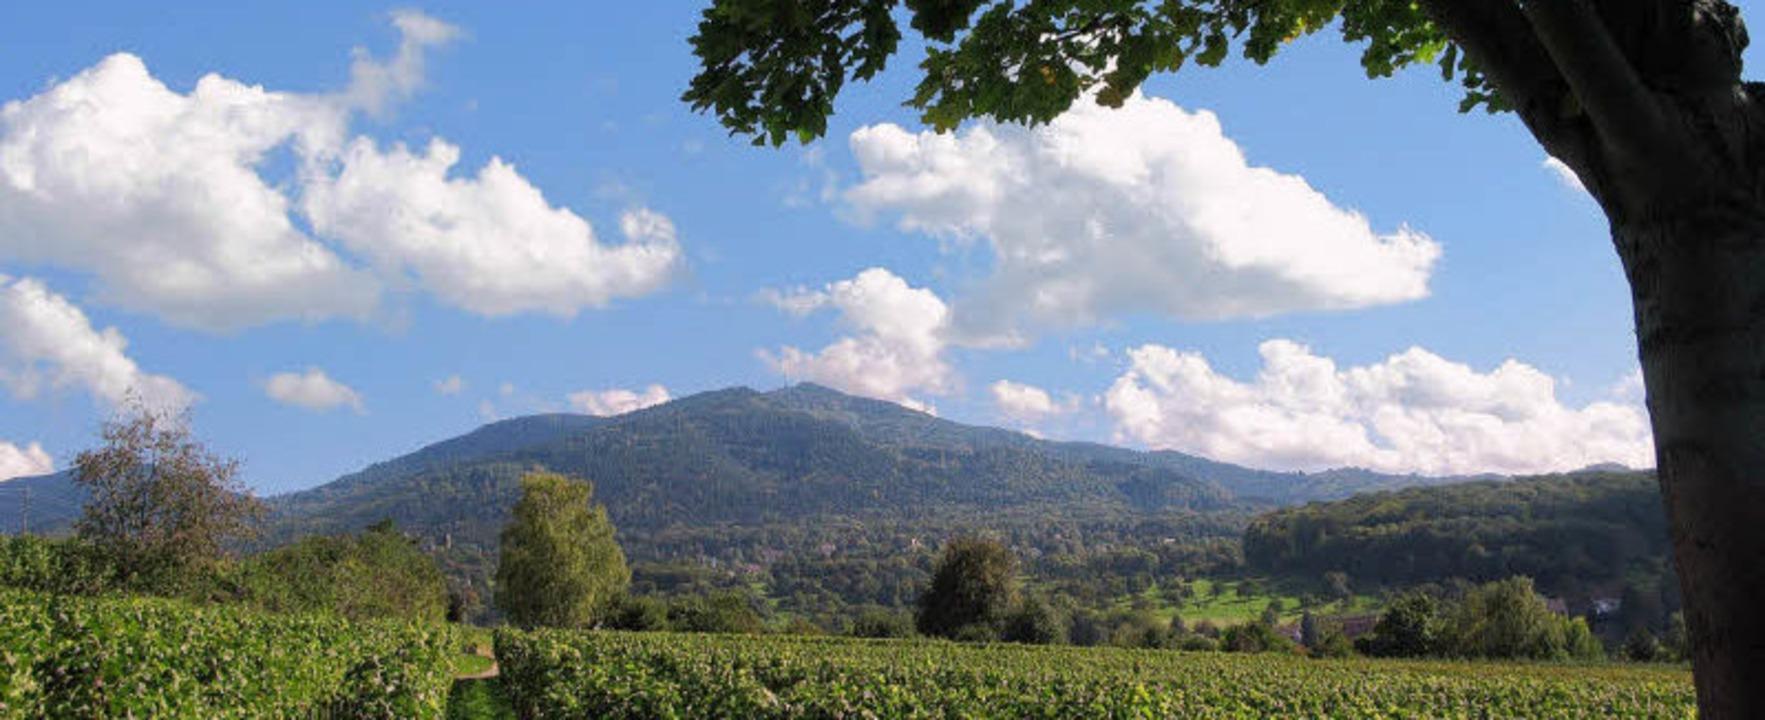 Der Blauen – ein Berg, um den sich viele Geschichten ranken.   | Foto: Dorothee Philipp